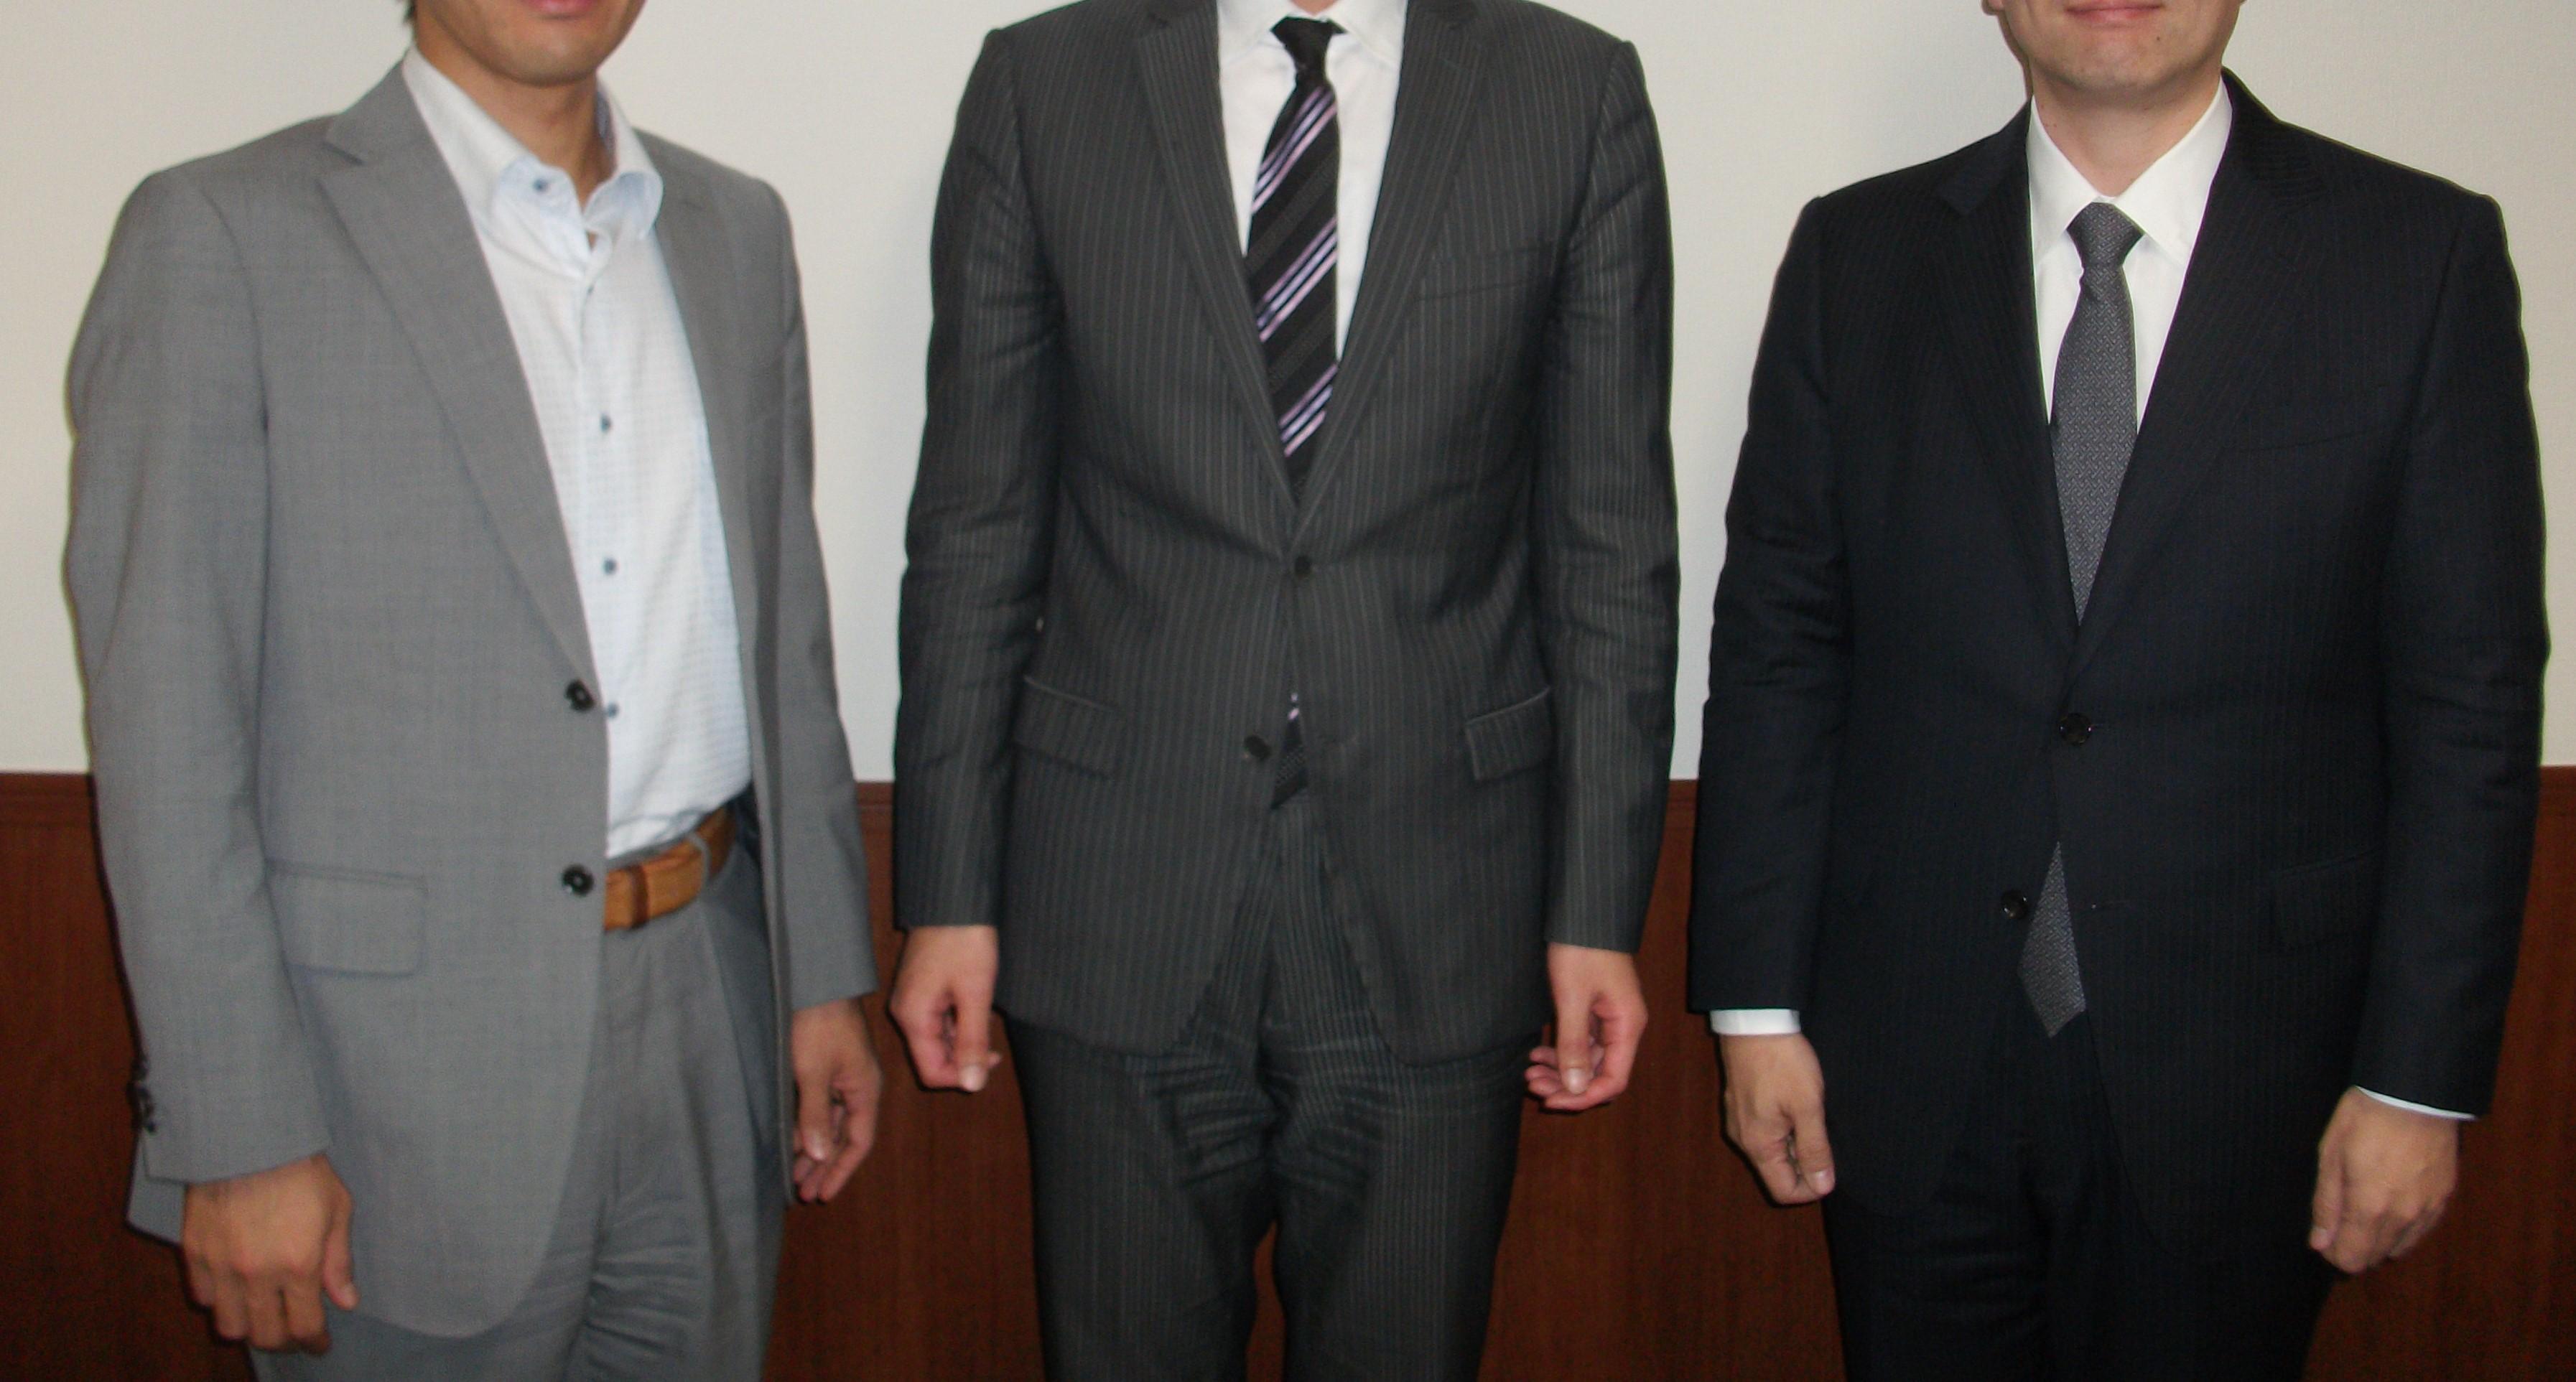 ITコンサルティング会社の成功社長インタビュー写真